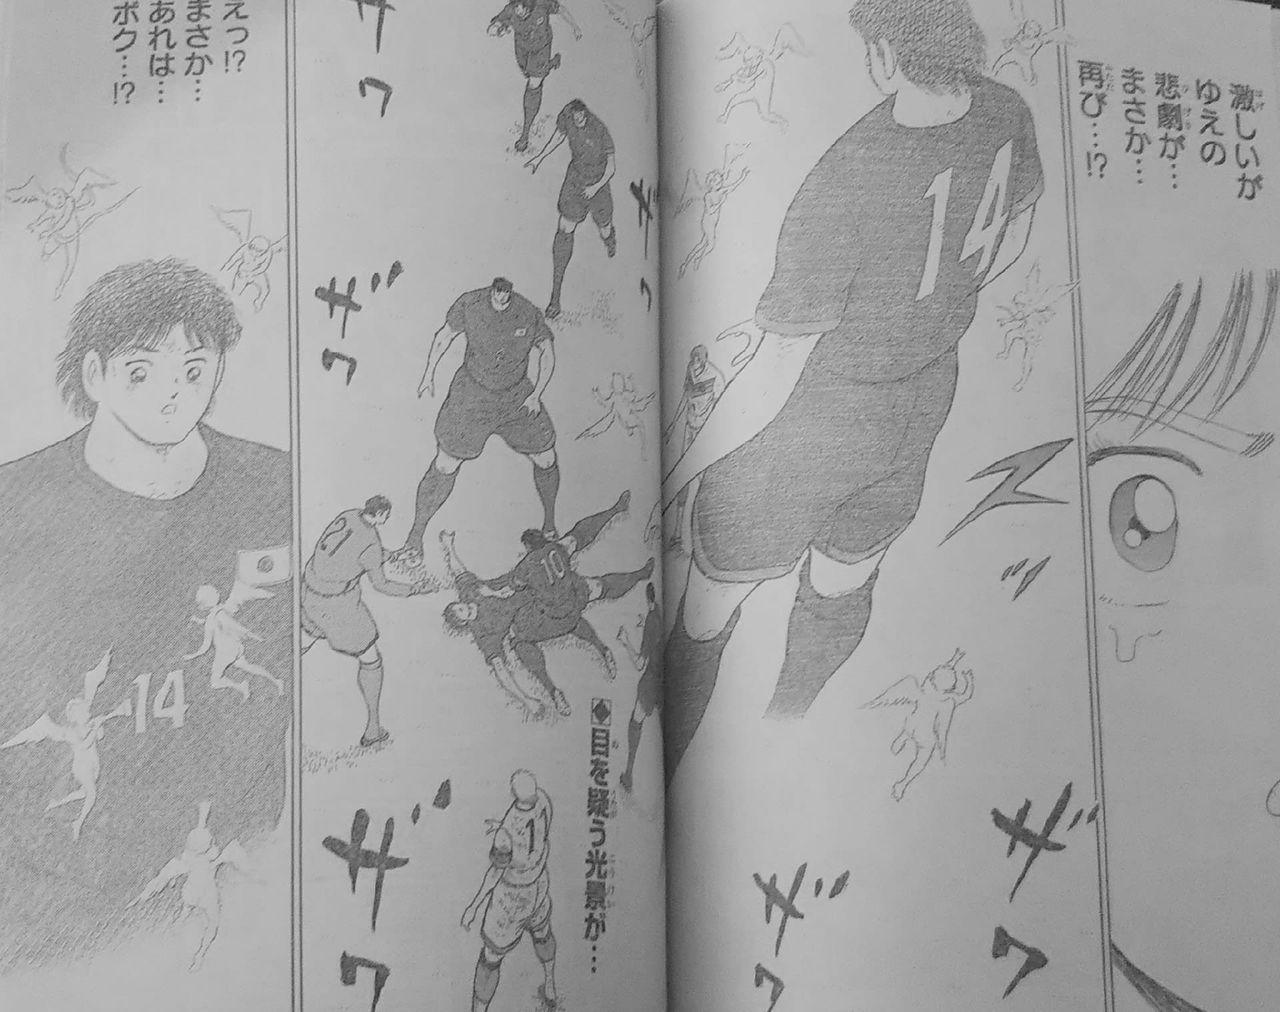 【訃報】三杉くん、サッカーの試合中に死亡